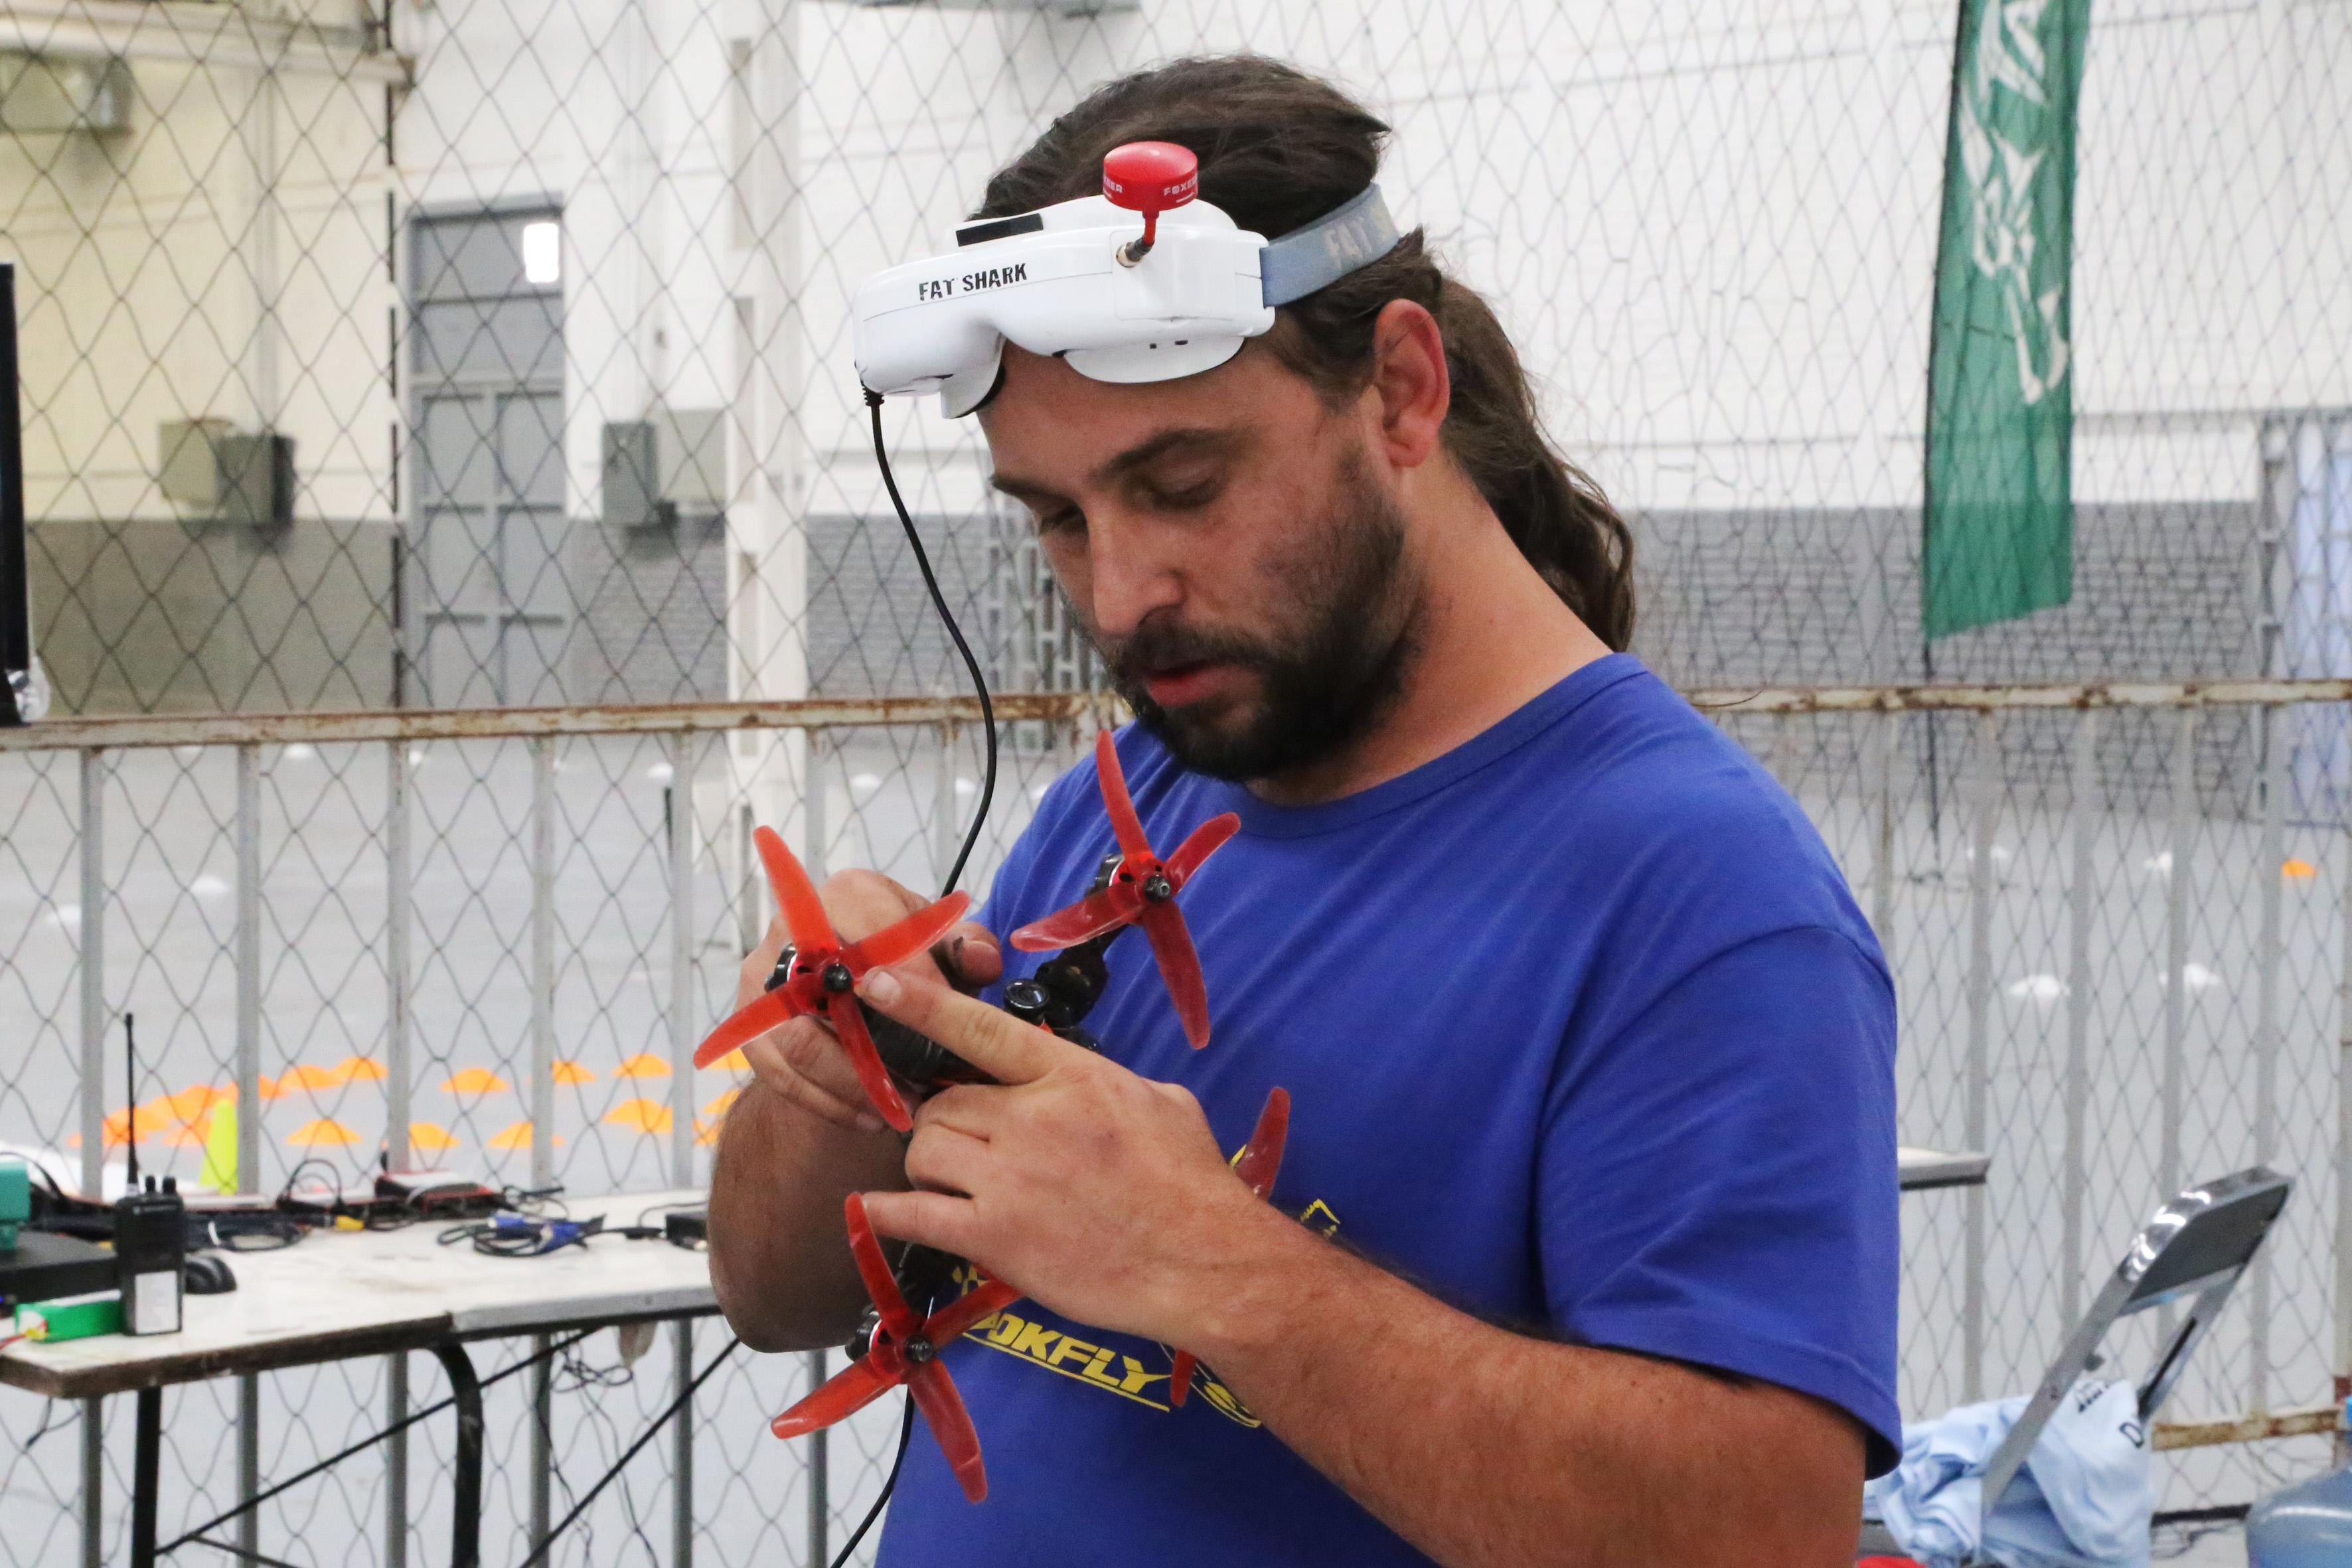 Persona masculina, dentro de un laboratorio y área equipada para prueba de vuelo de drones; sujetando a su drone para equiparlo y ajustar su cámara.